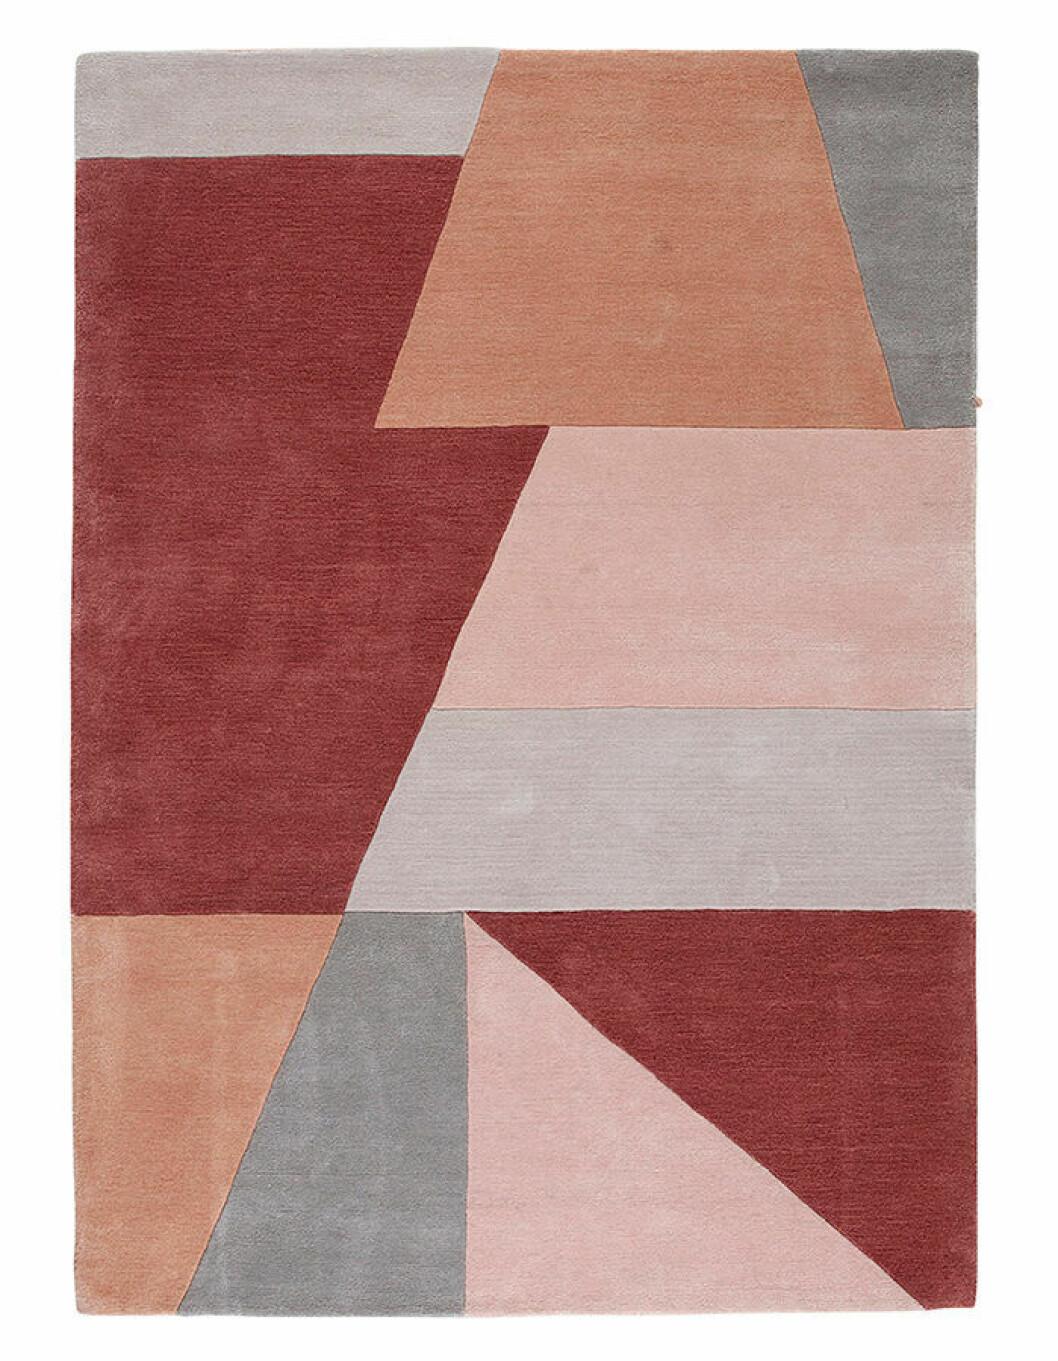 Trendigt färggrann och geometrisk matta från Ellos Home våren 2019